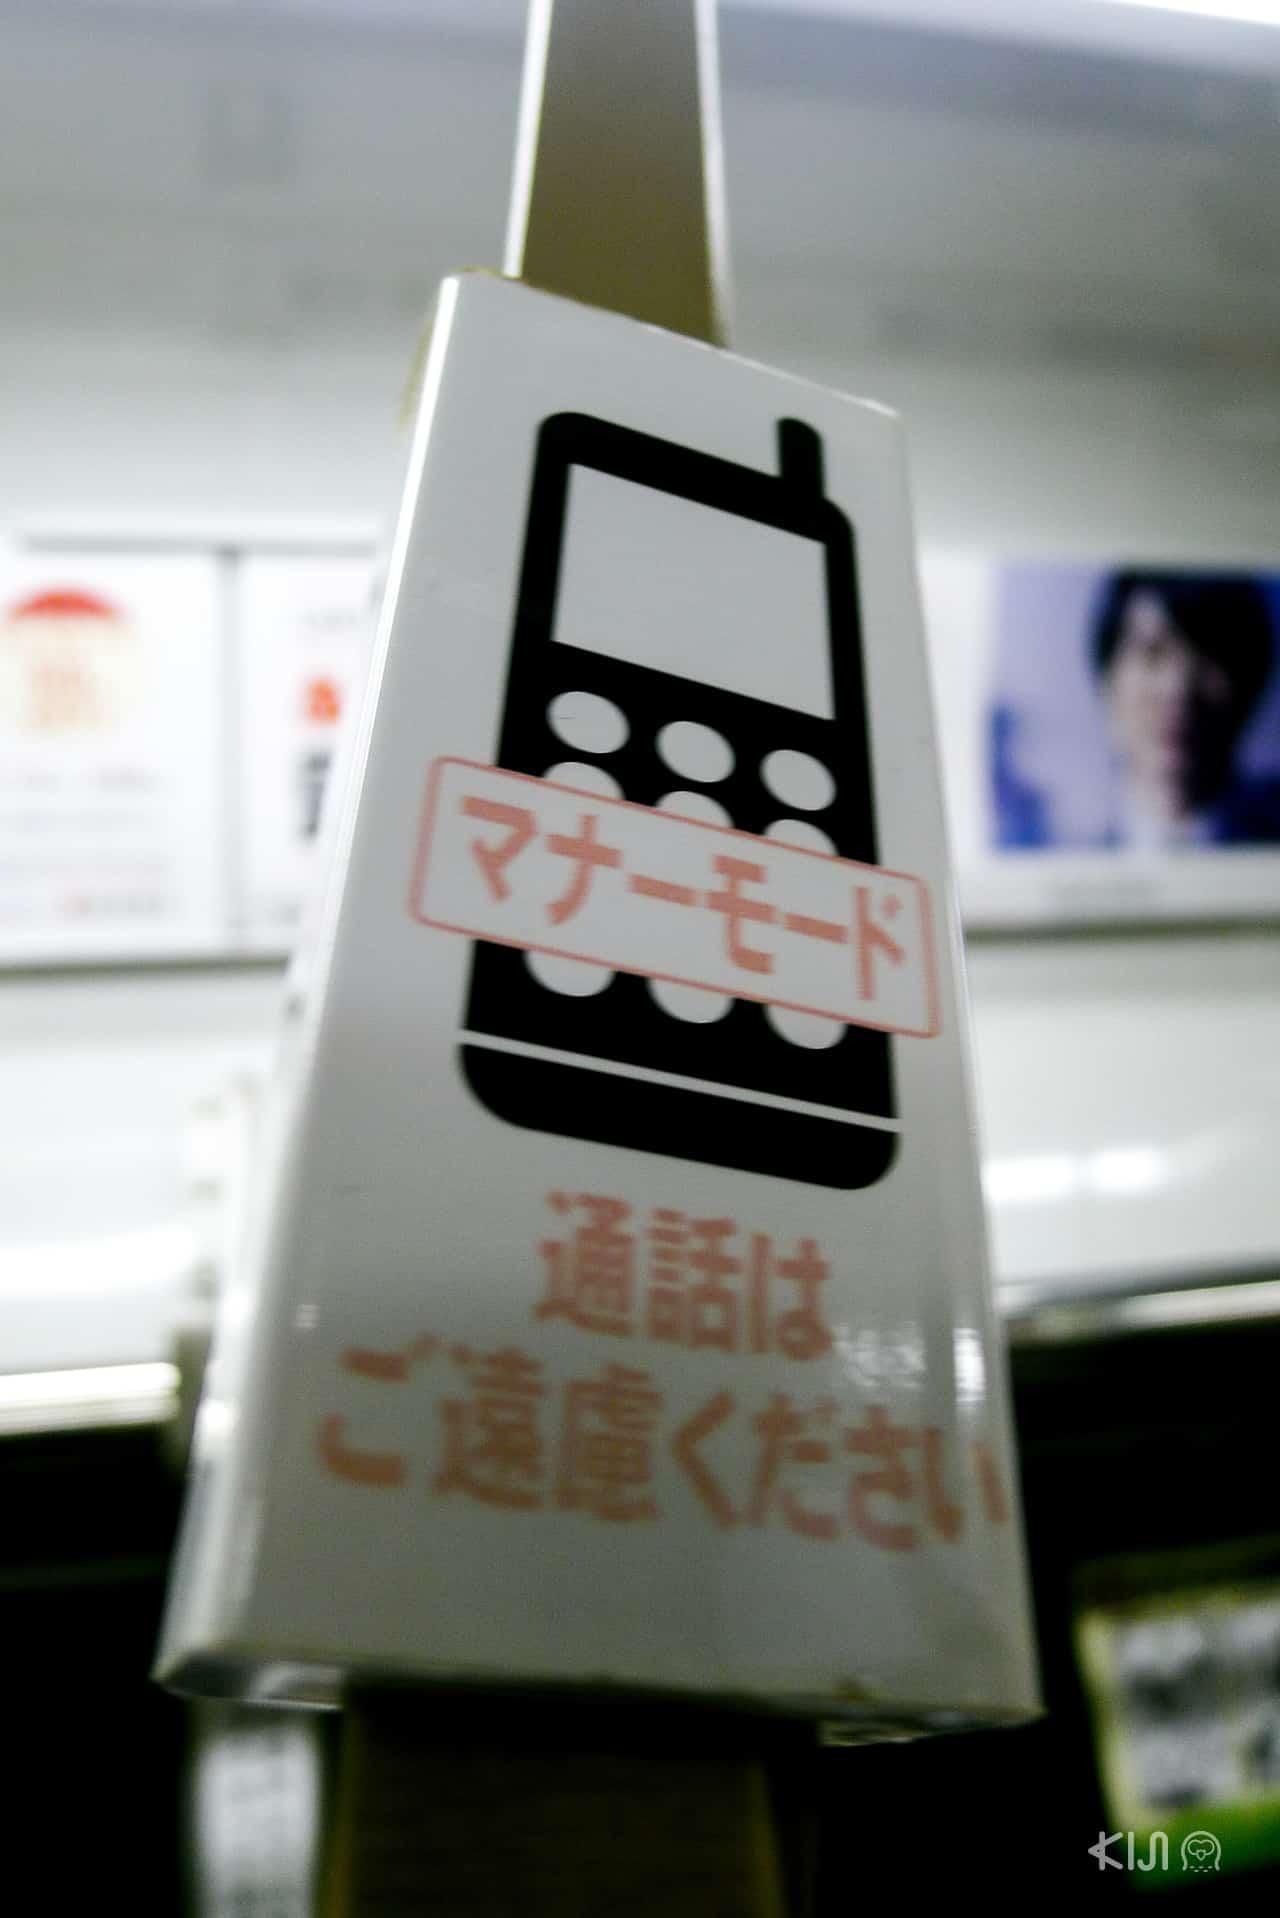 ในรถไฟที่ ญี่ปุ่น ห้ามคุยโทรศัพท์ ถือว่าเป็นเรื่องเสียมารยาทใน สังคม